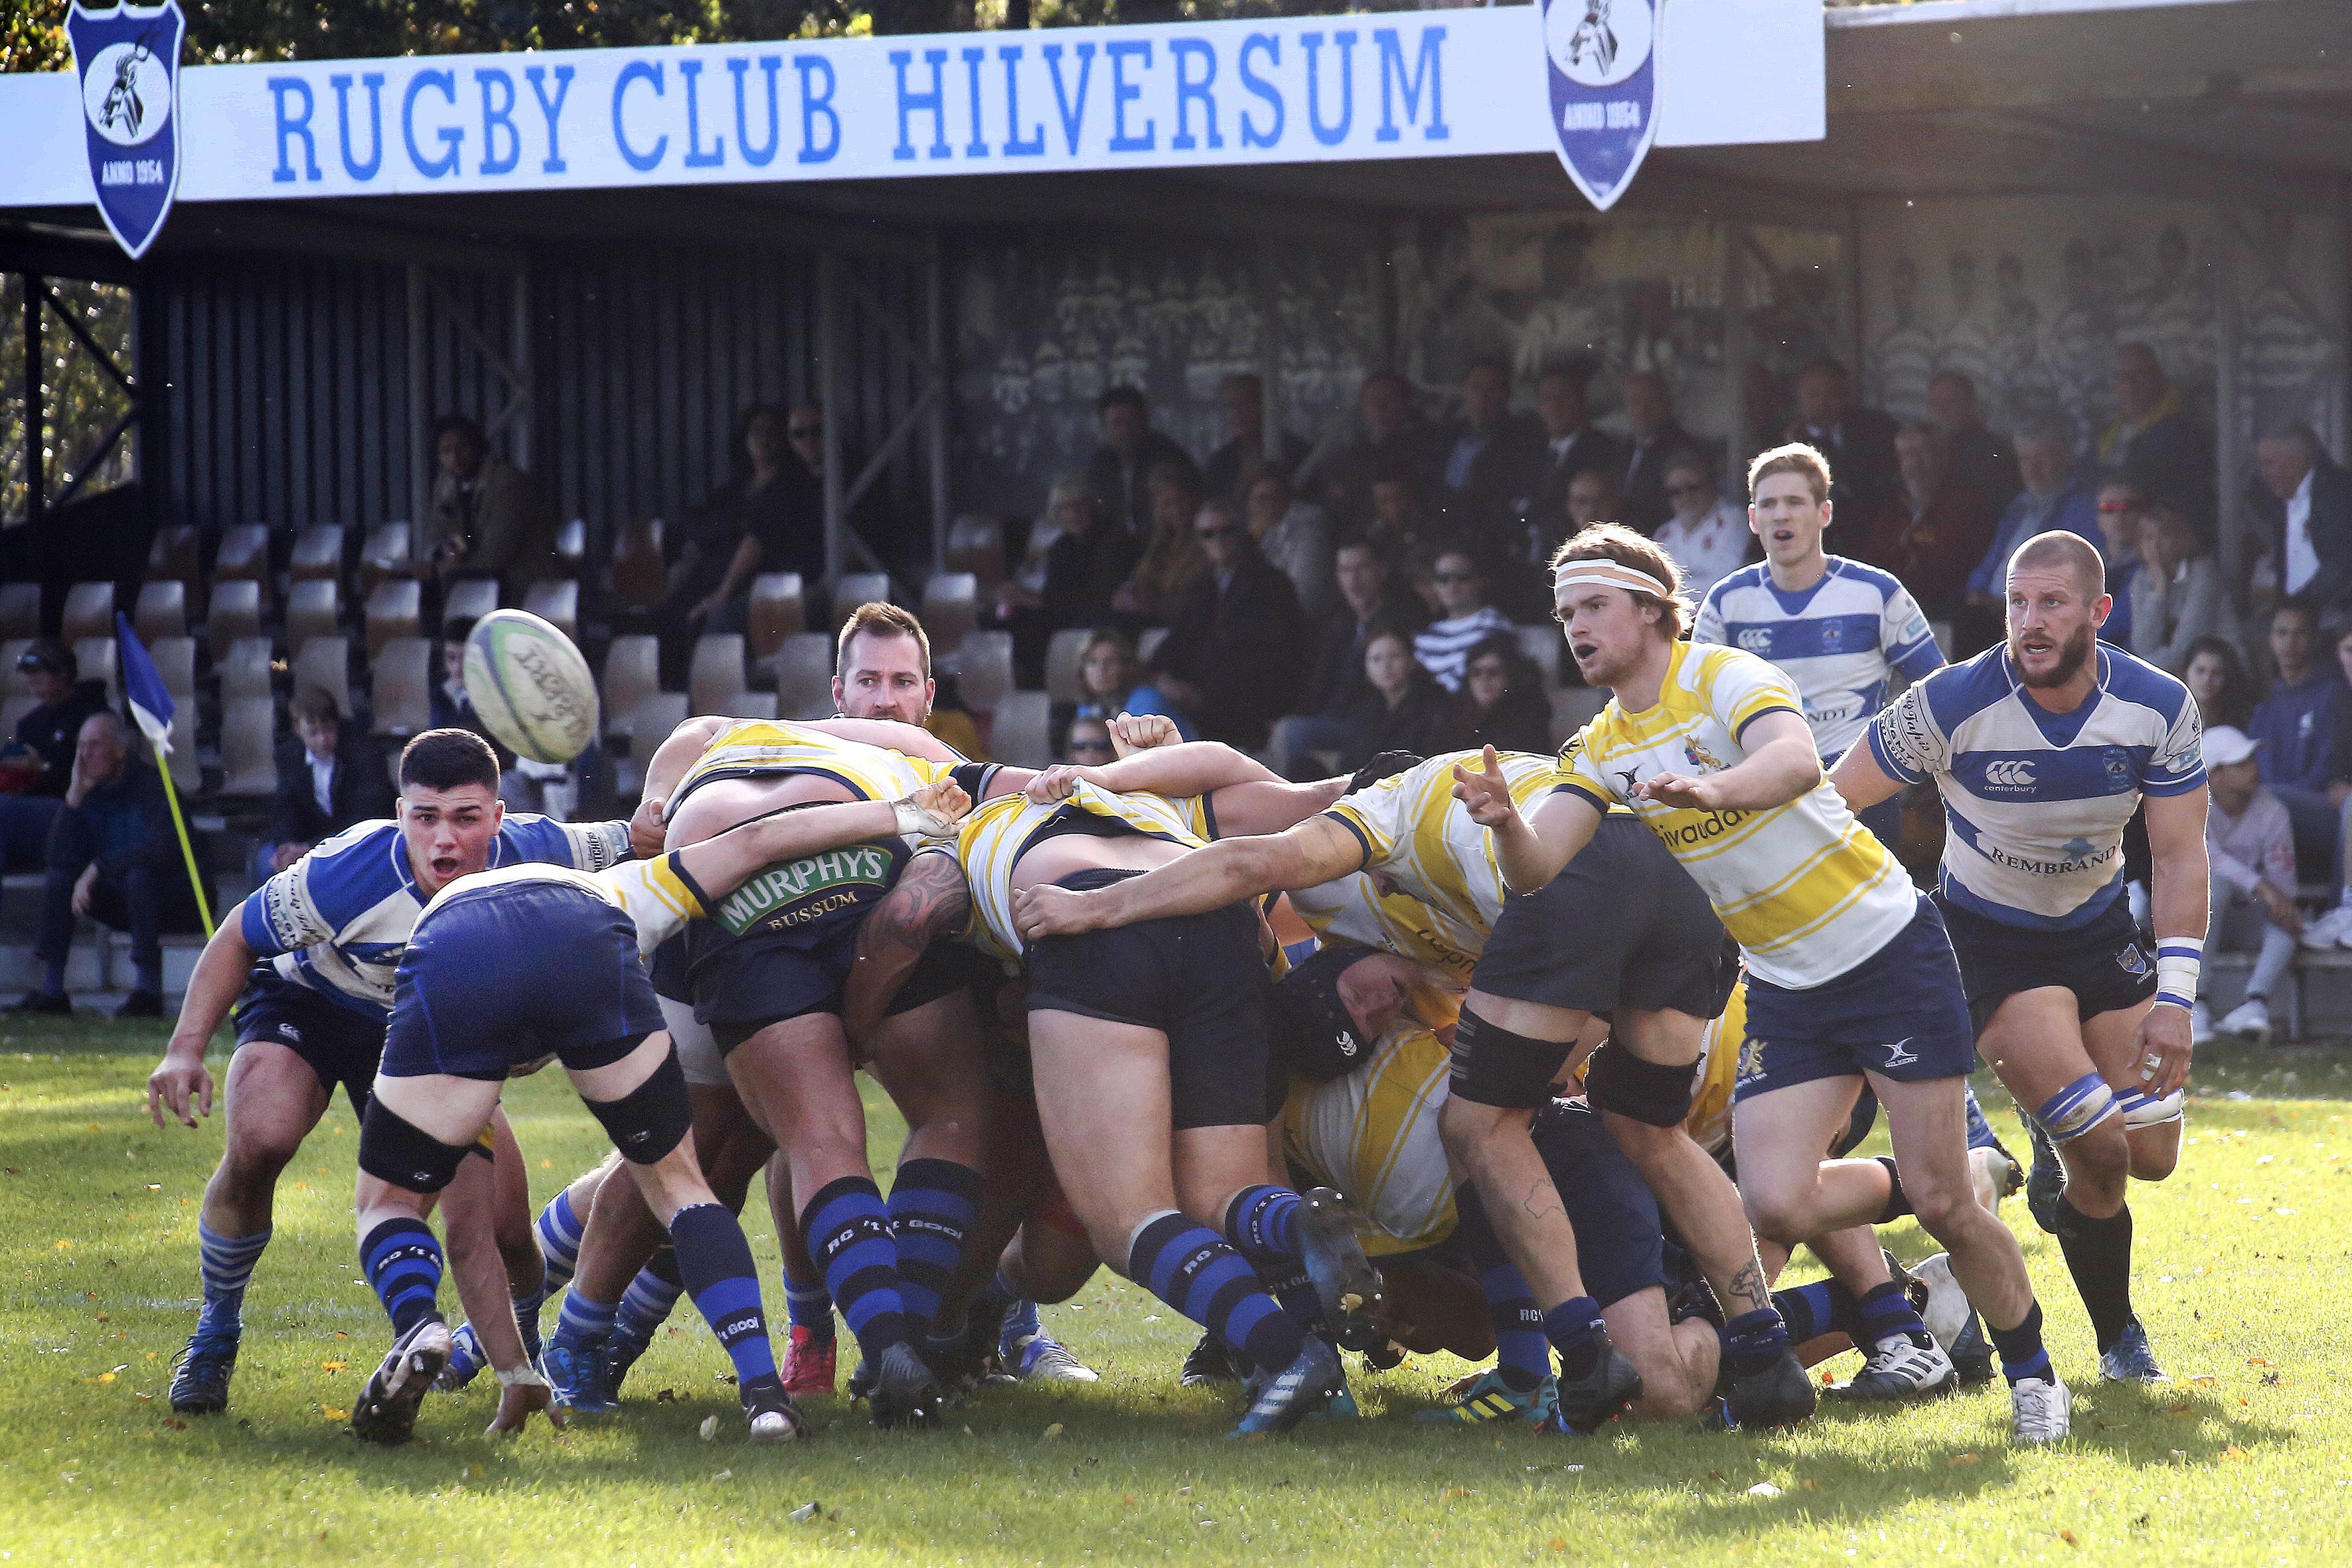 Rugbyers van Hilversum en 't Gooi weer van start: een nieuw seizoen, een andere opzet, maar dezelfde ambities